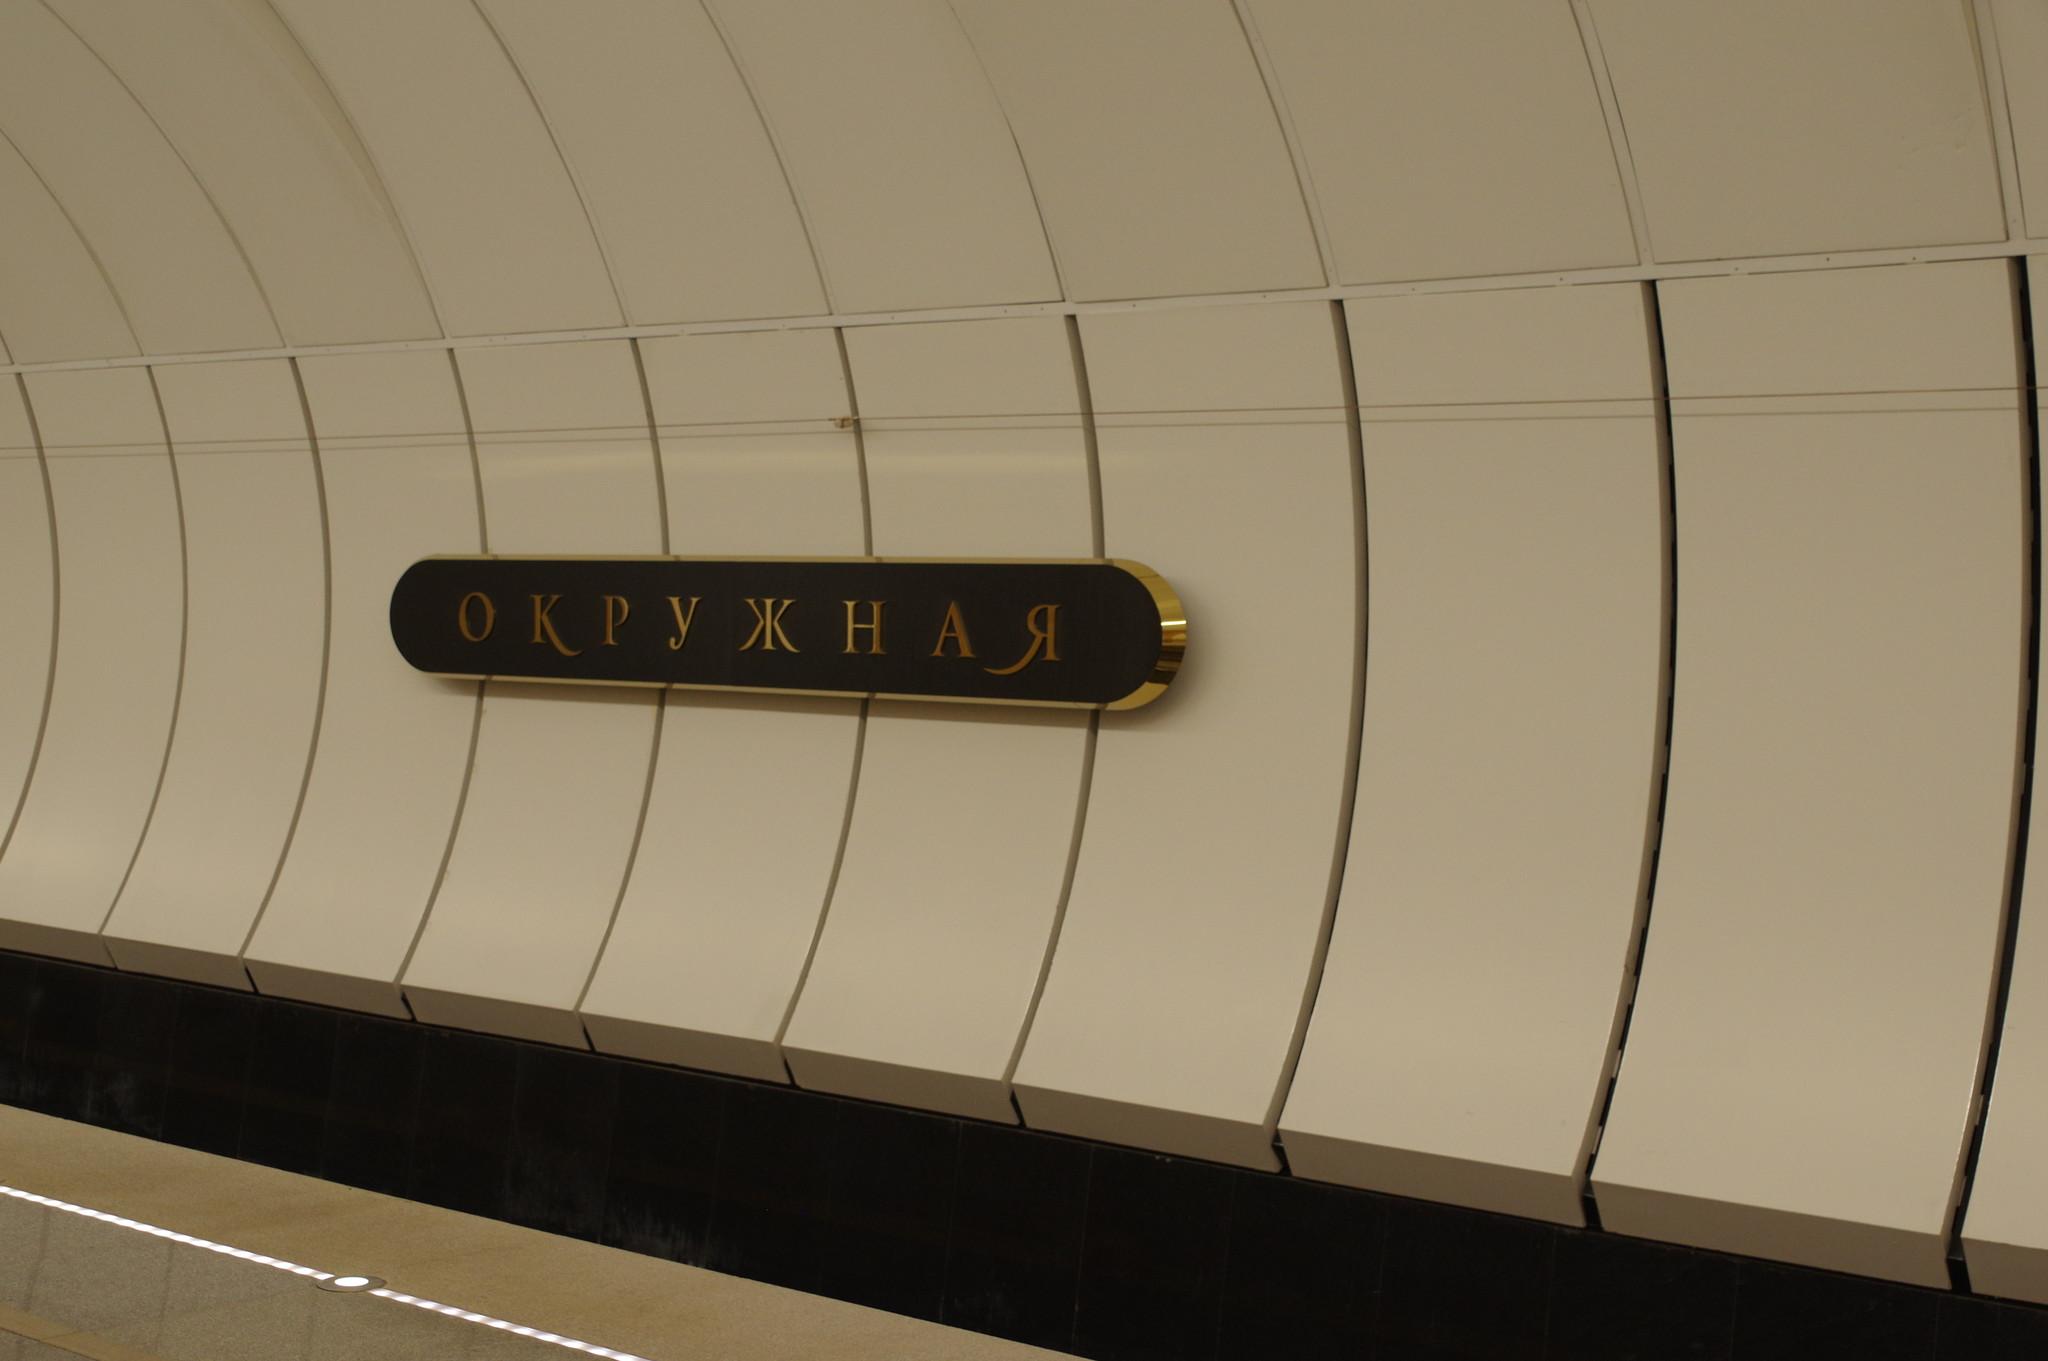 Станция «Окружная» Люблинской-Дмитровской линии Московского метрополитена